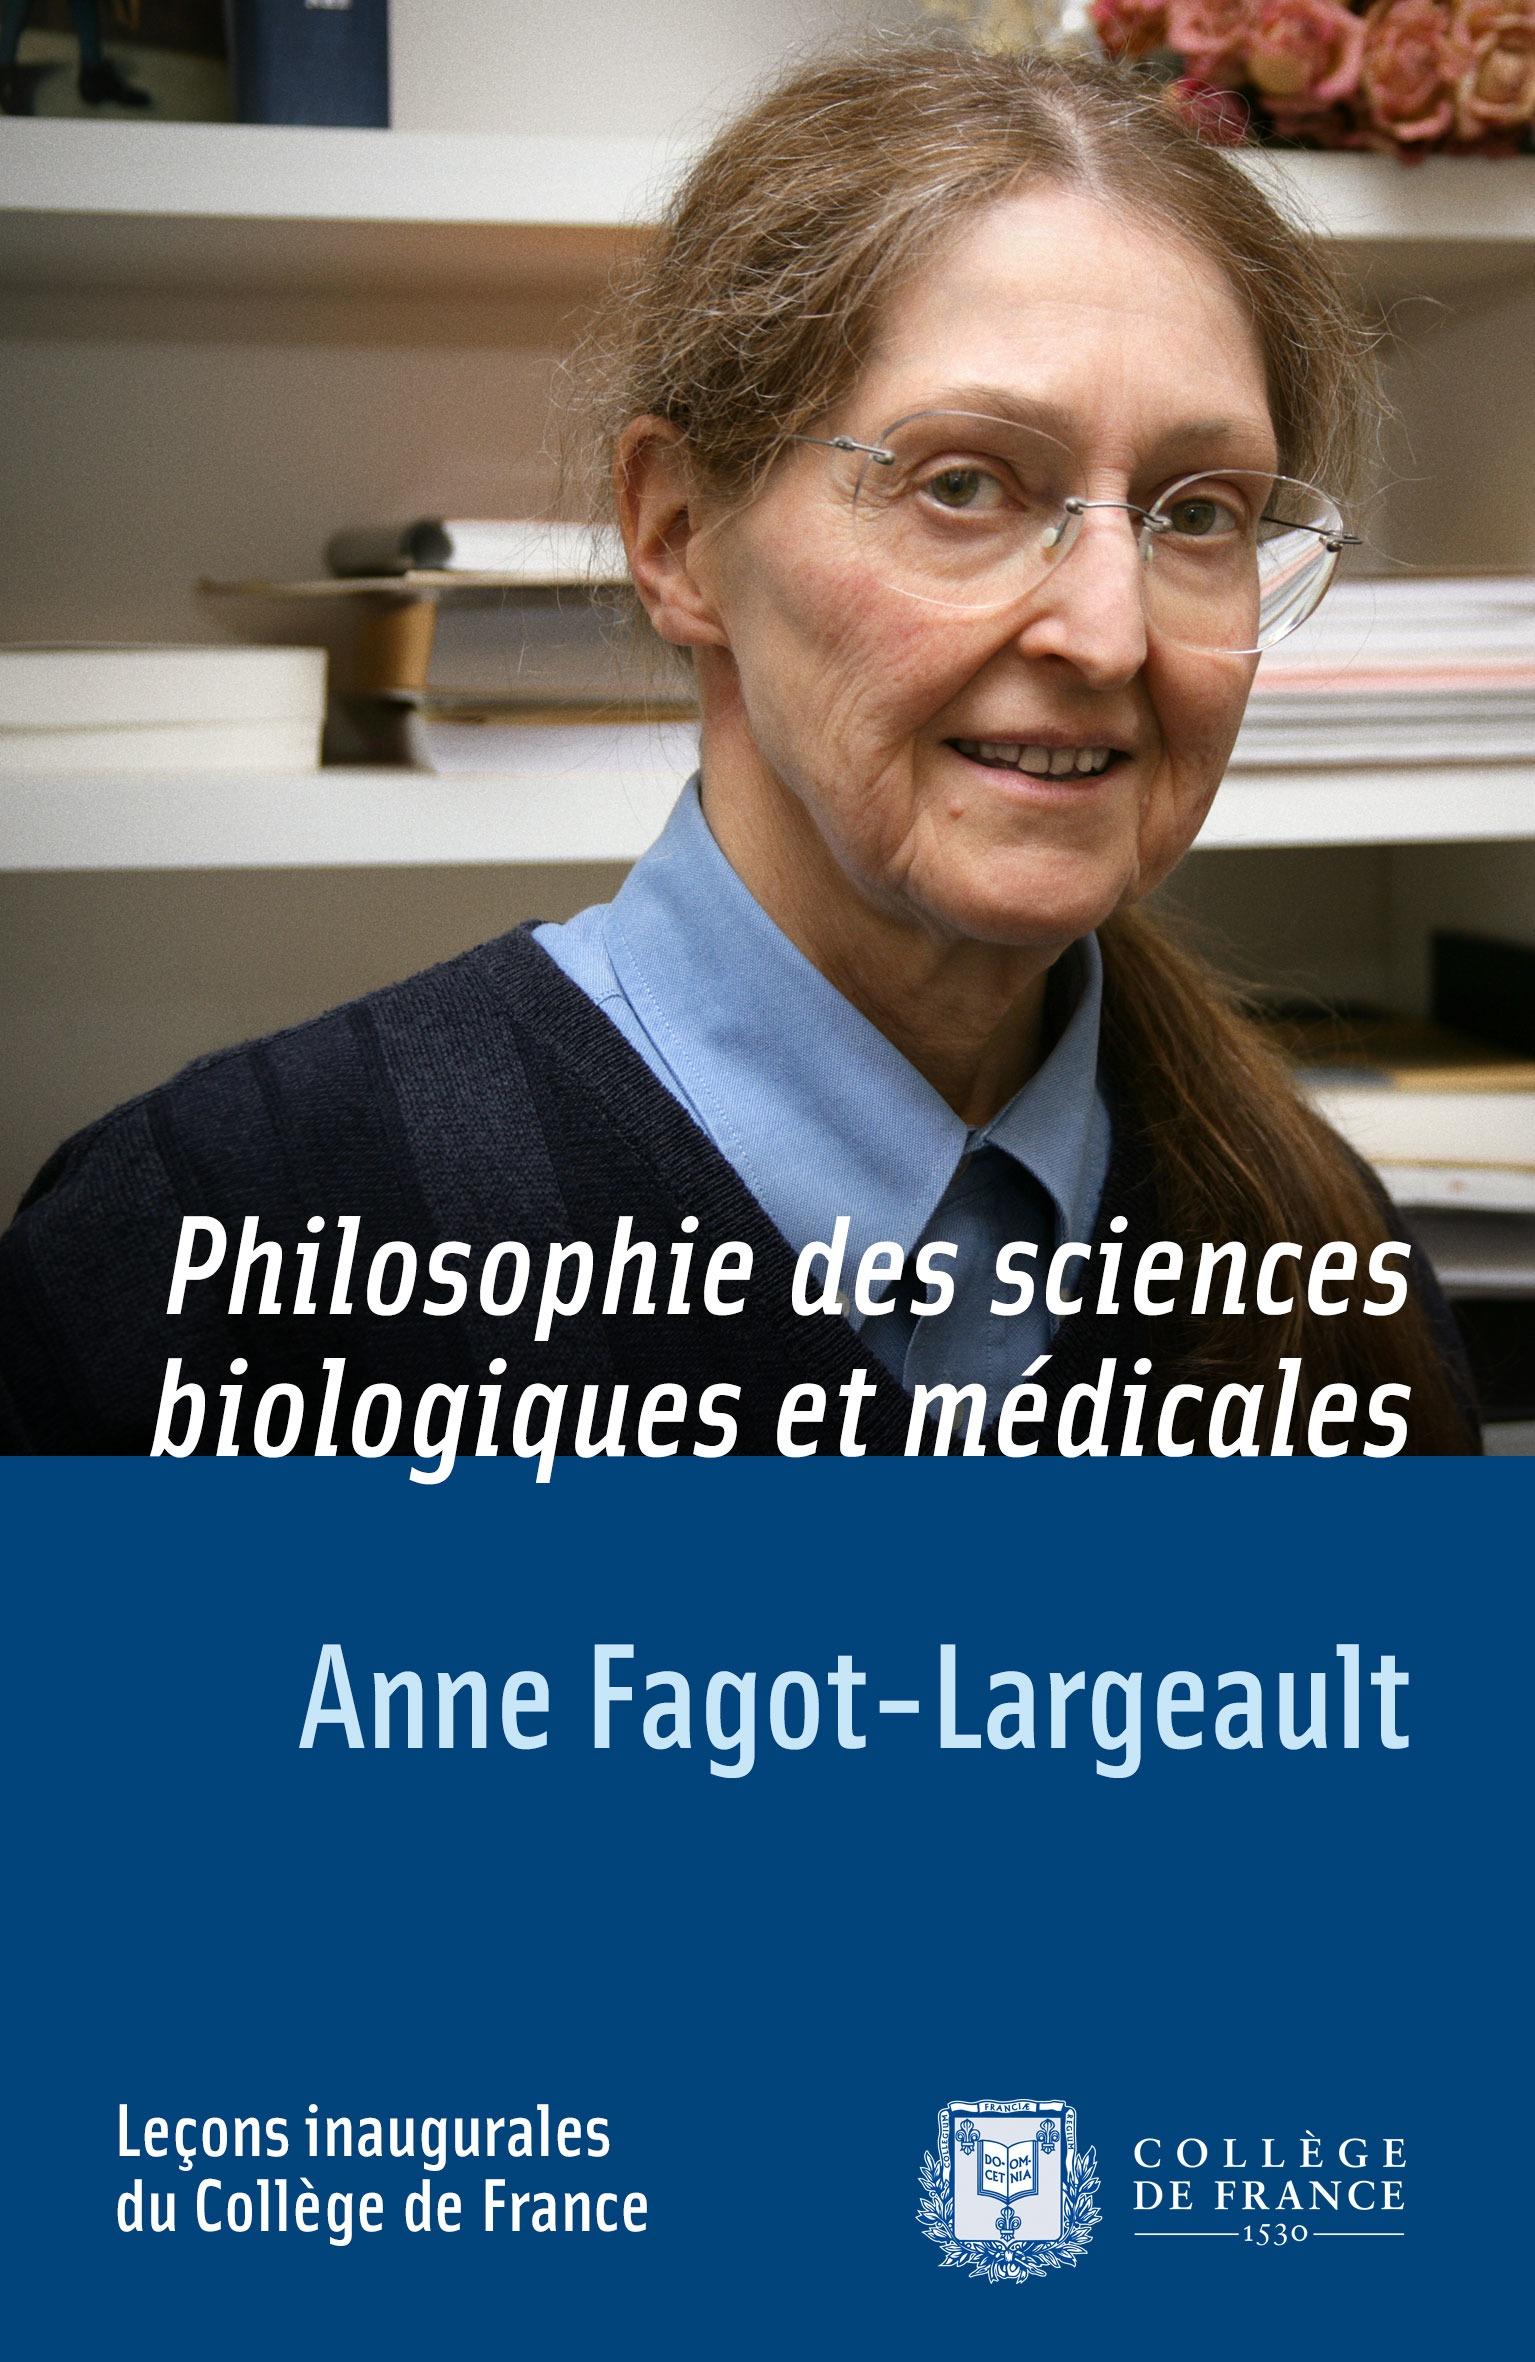 Philosophie des sciences biologiques et médicales, LEÇON INAUGURALE PRONONCÉE LE JEUDI 1ER MARS 2001